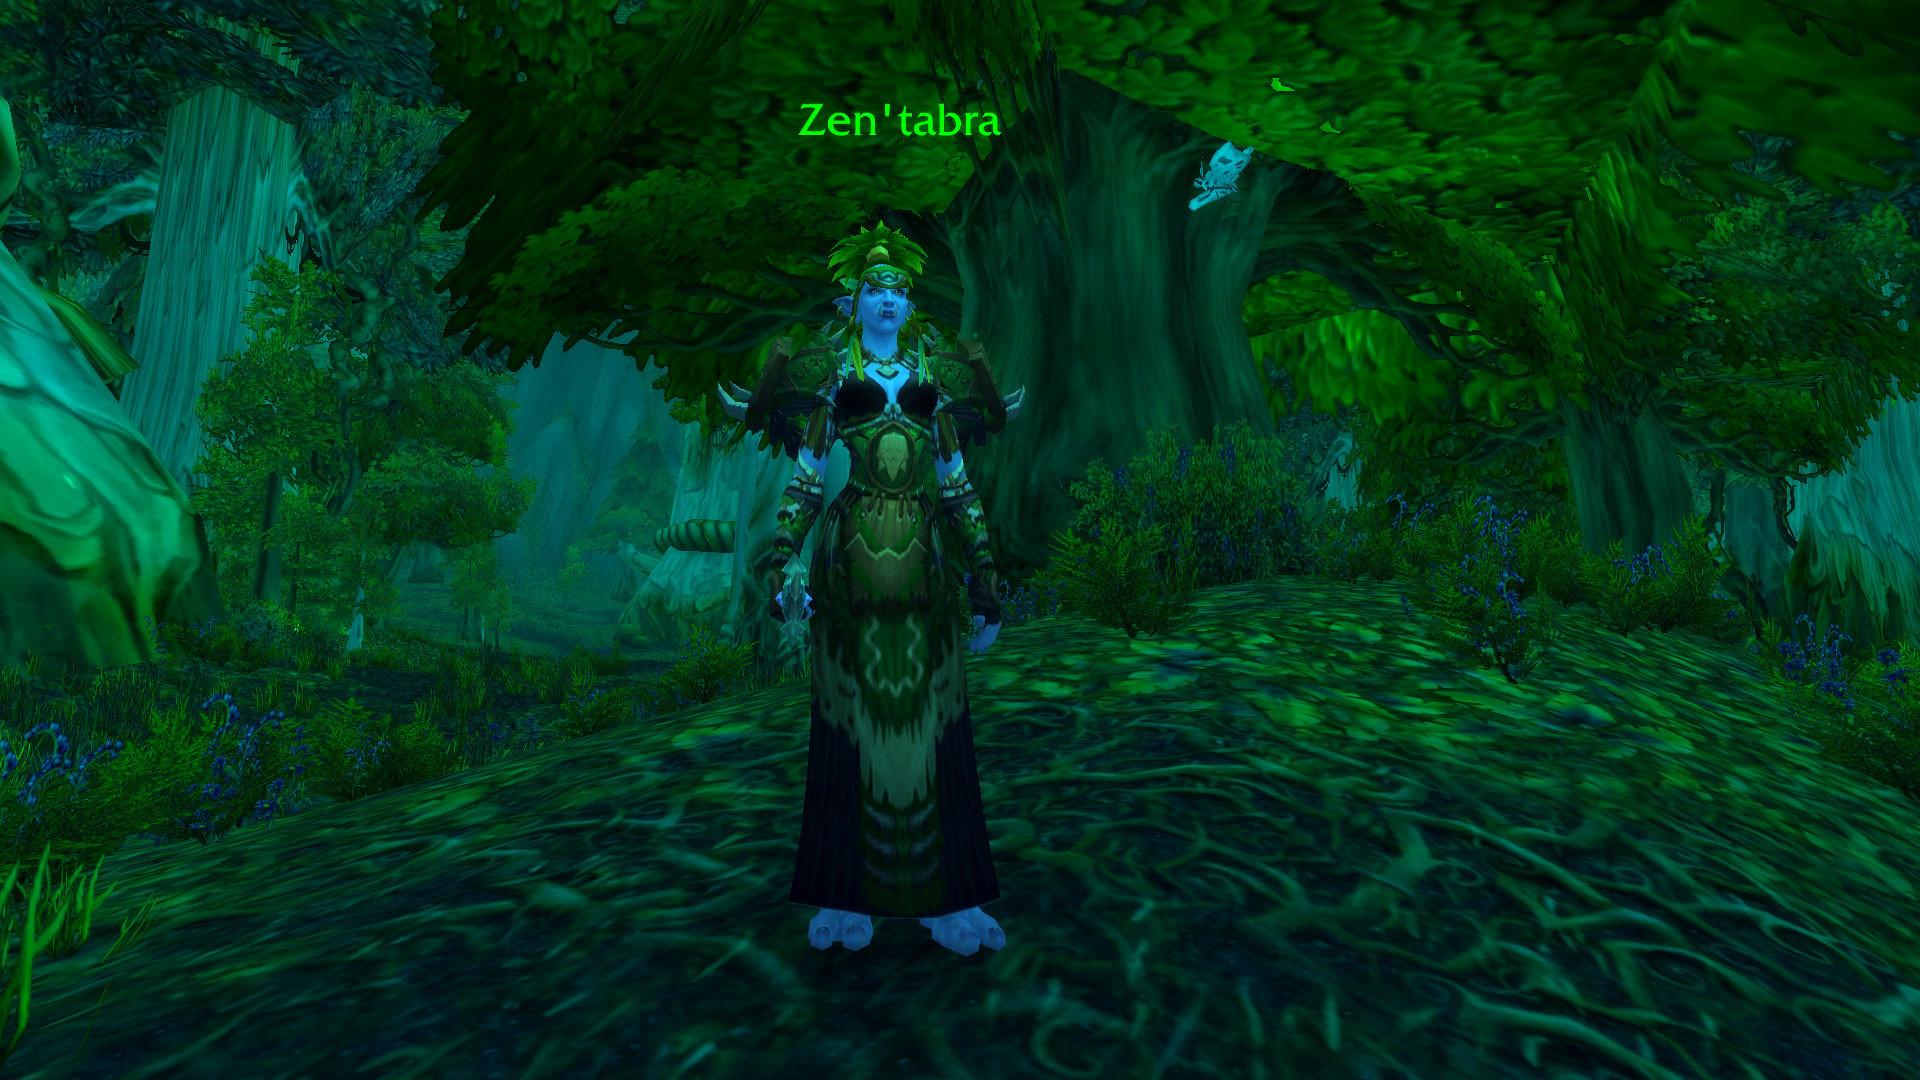 Zen'tabra